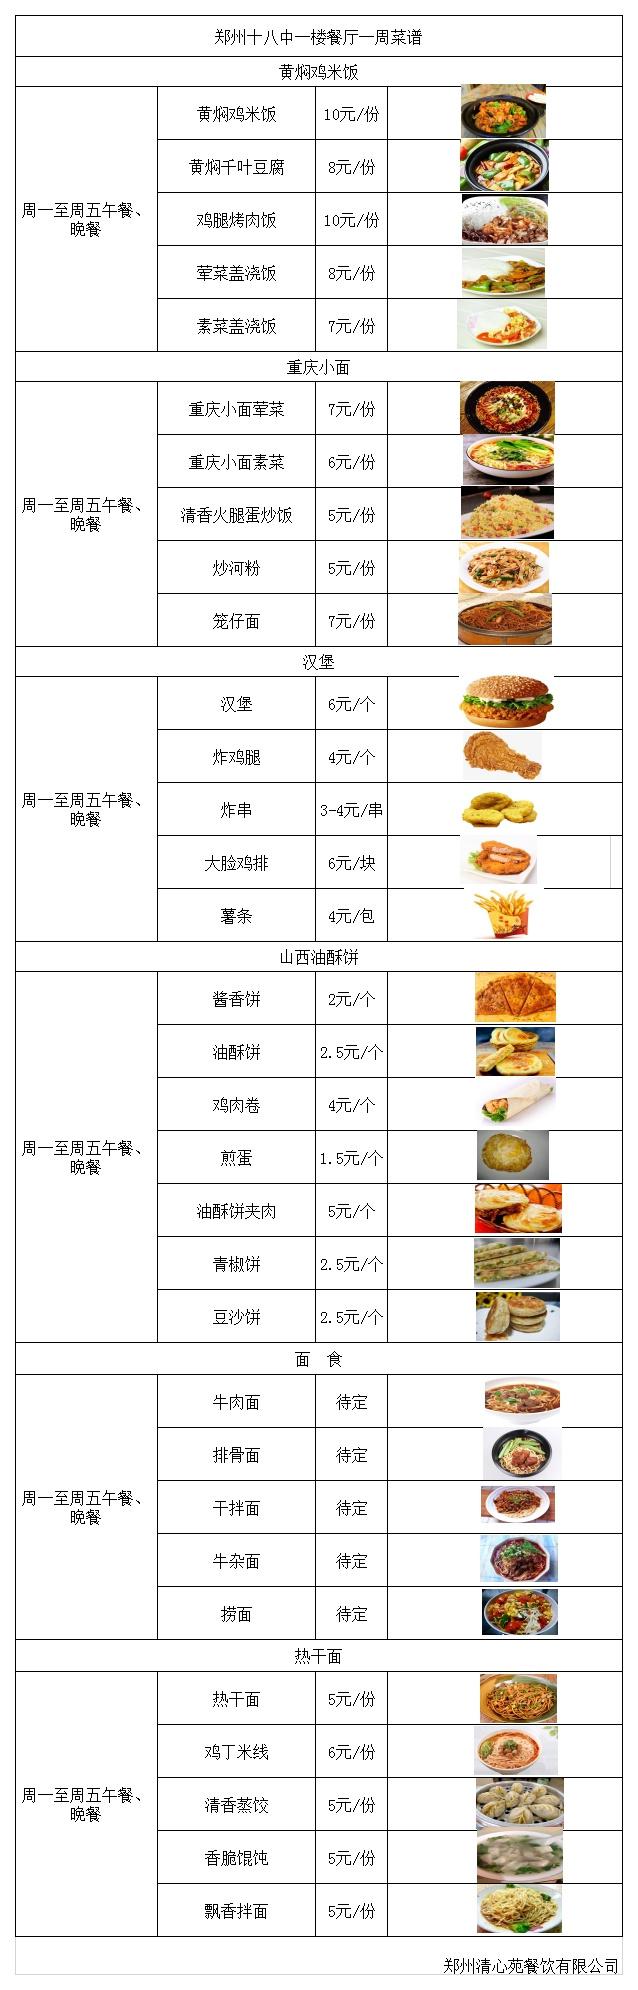 清心苑食谱 -3-wps图片.jpg